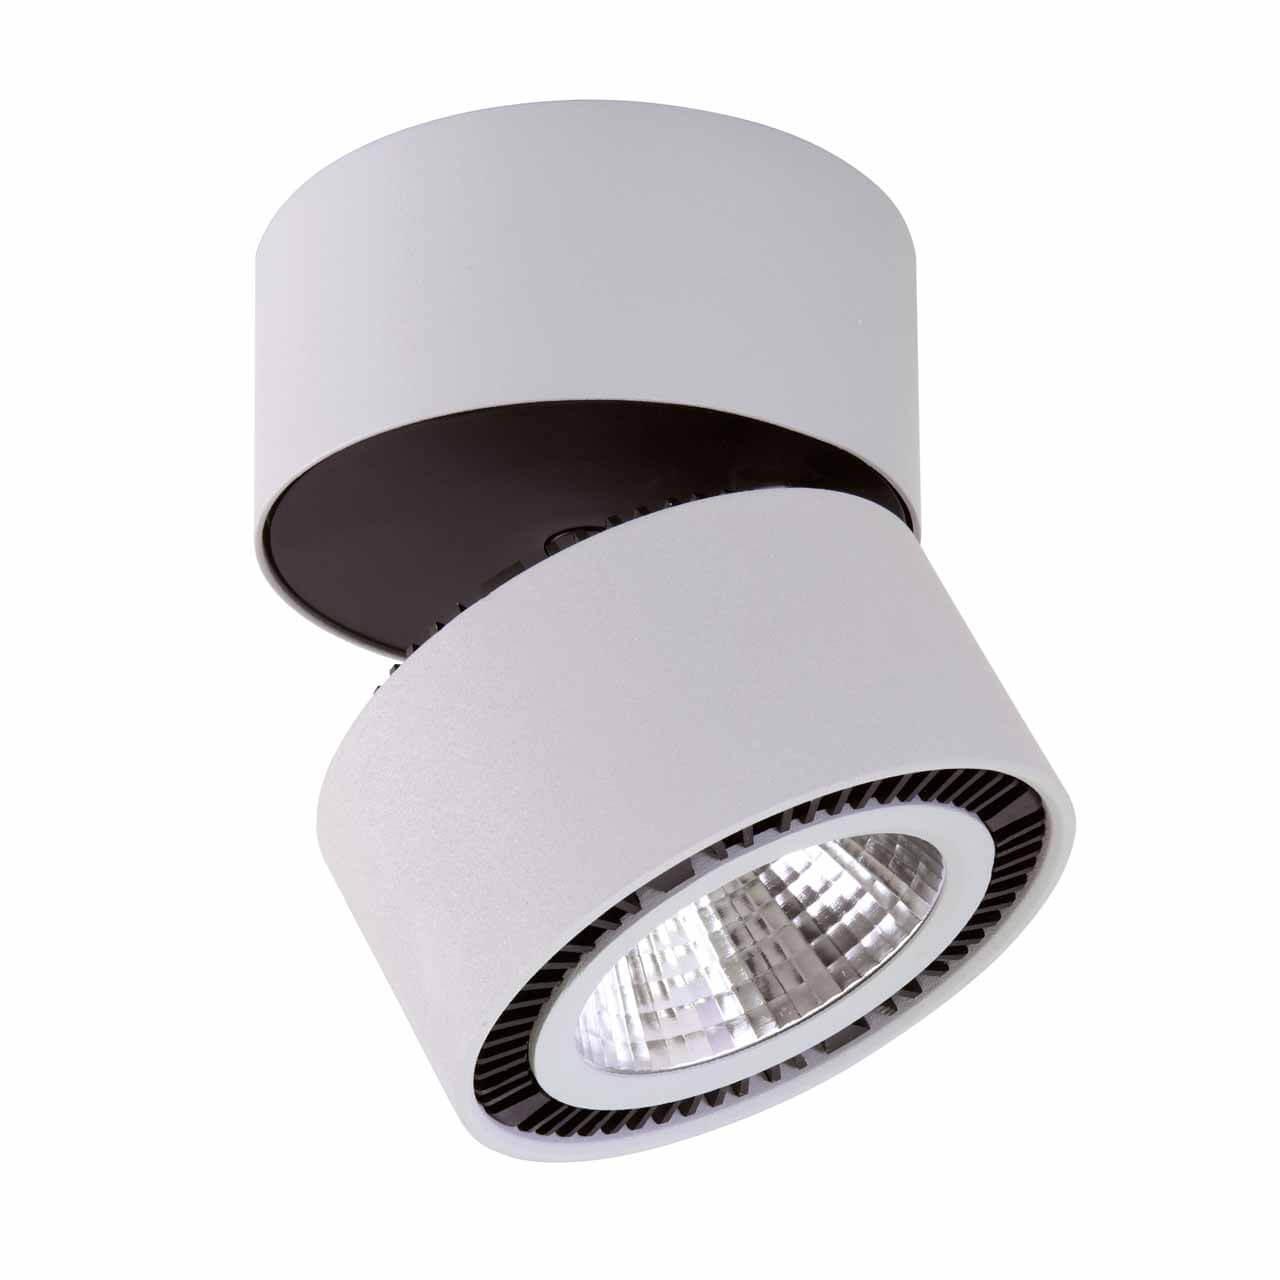 Потолочный светодиодный светильник Lightstar Forte Muro 213859 рюкзак asgard city р 5437 р 5437 этноузор фиолет розов